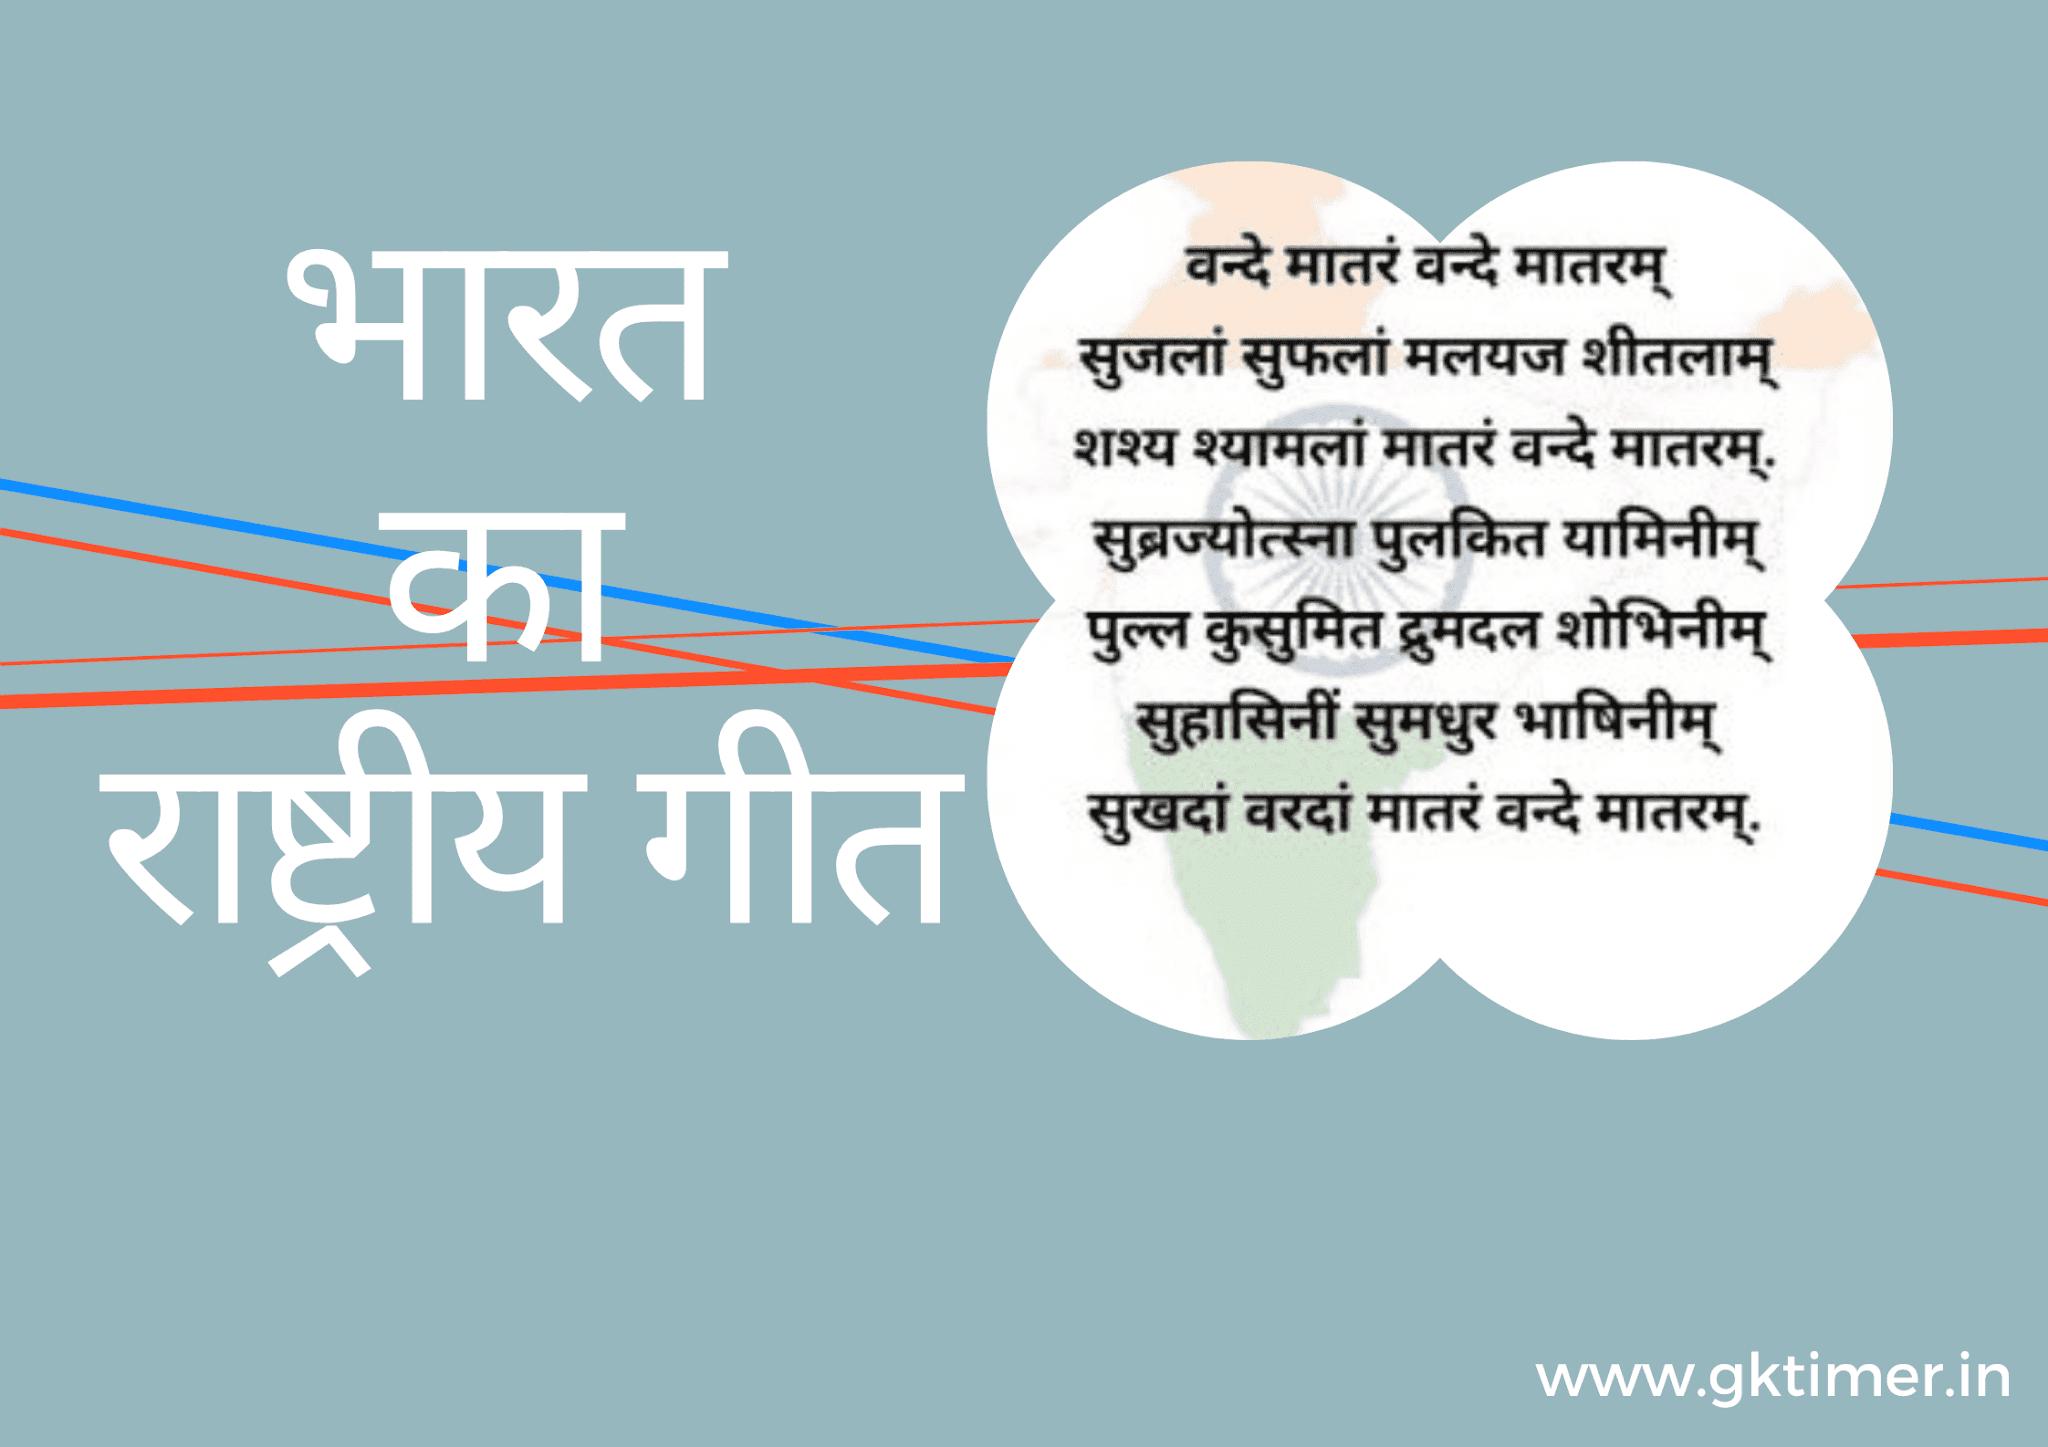 भारत का राष्ट्रीय गीत : वन्दे मातरम   National Song of India in Hindi